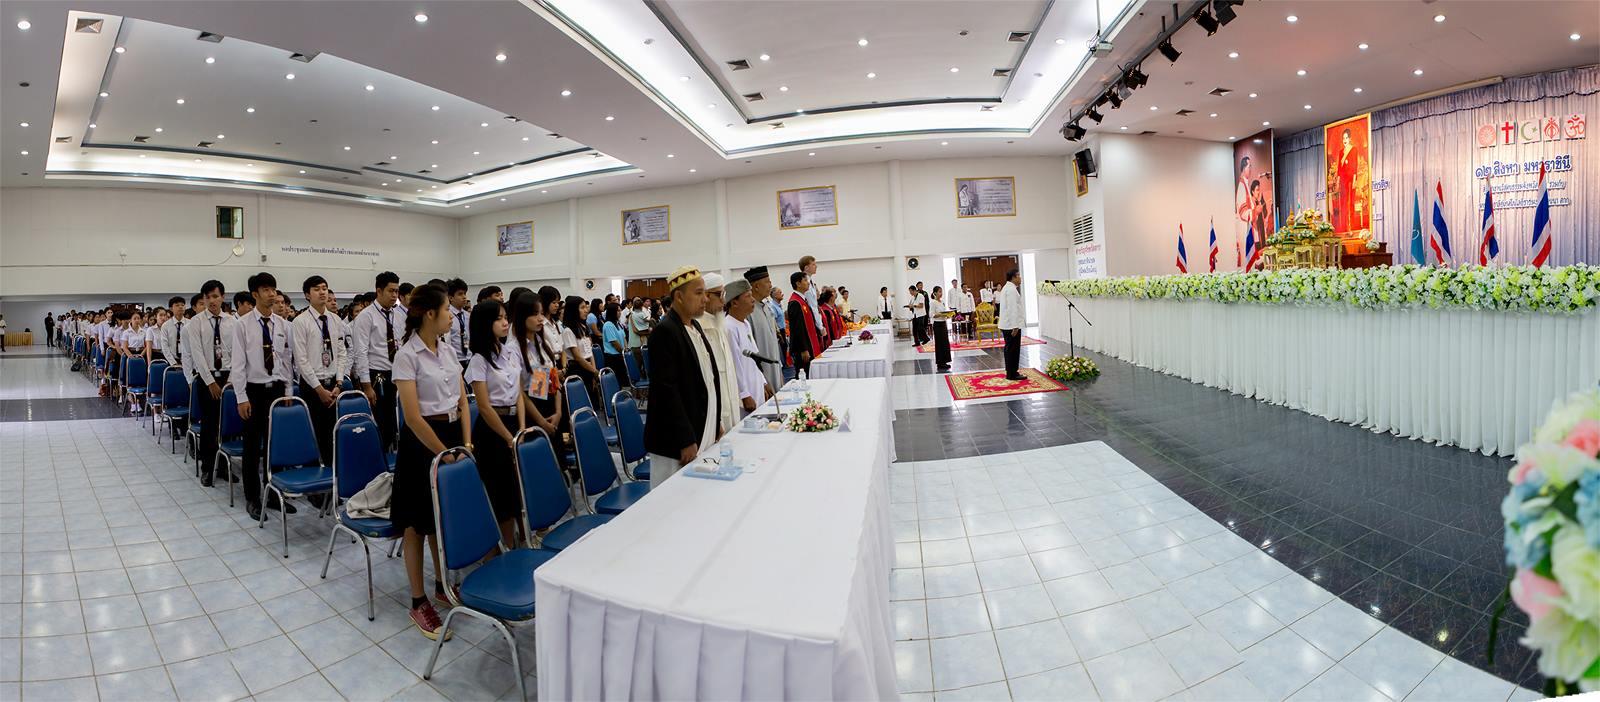 งานศาสนิกสัมพันธ์จังหวัดตาก เฉลิมพระเกียรติสมเด็จพระนางเจ้าสิริกิติ์ พระบรมราชินีนาถฯ